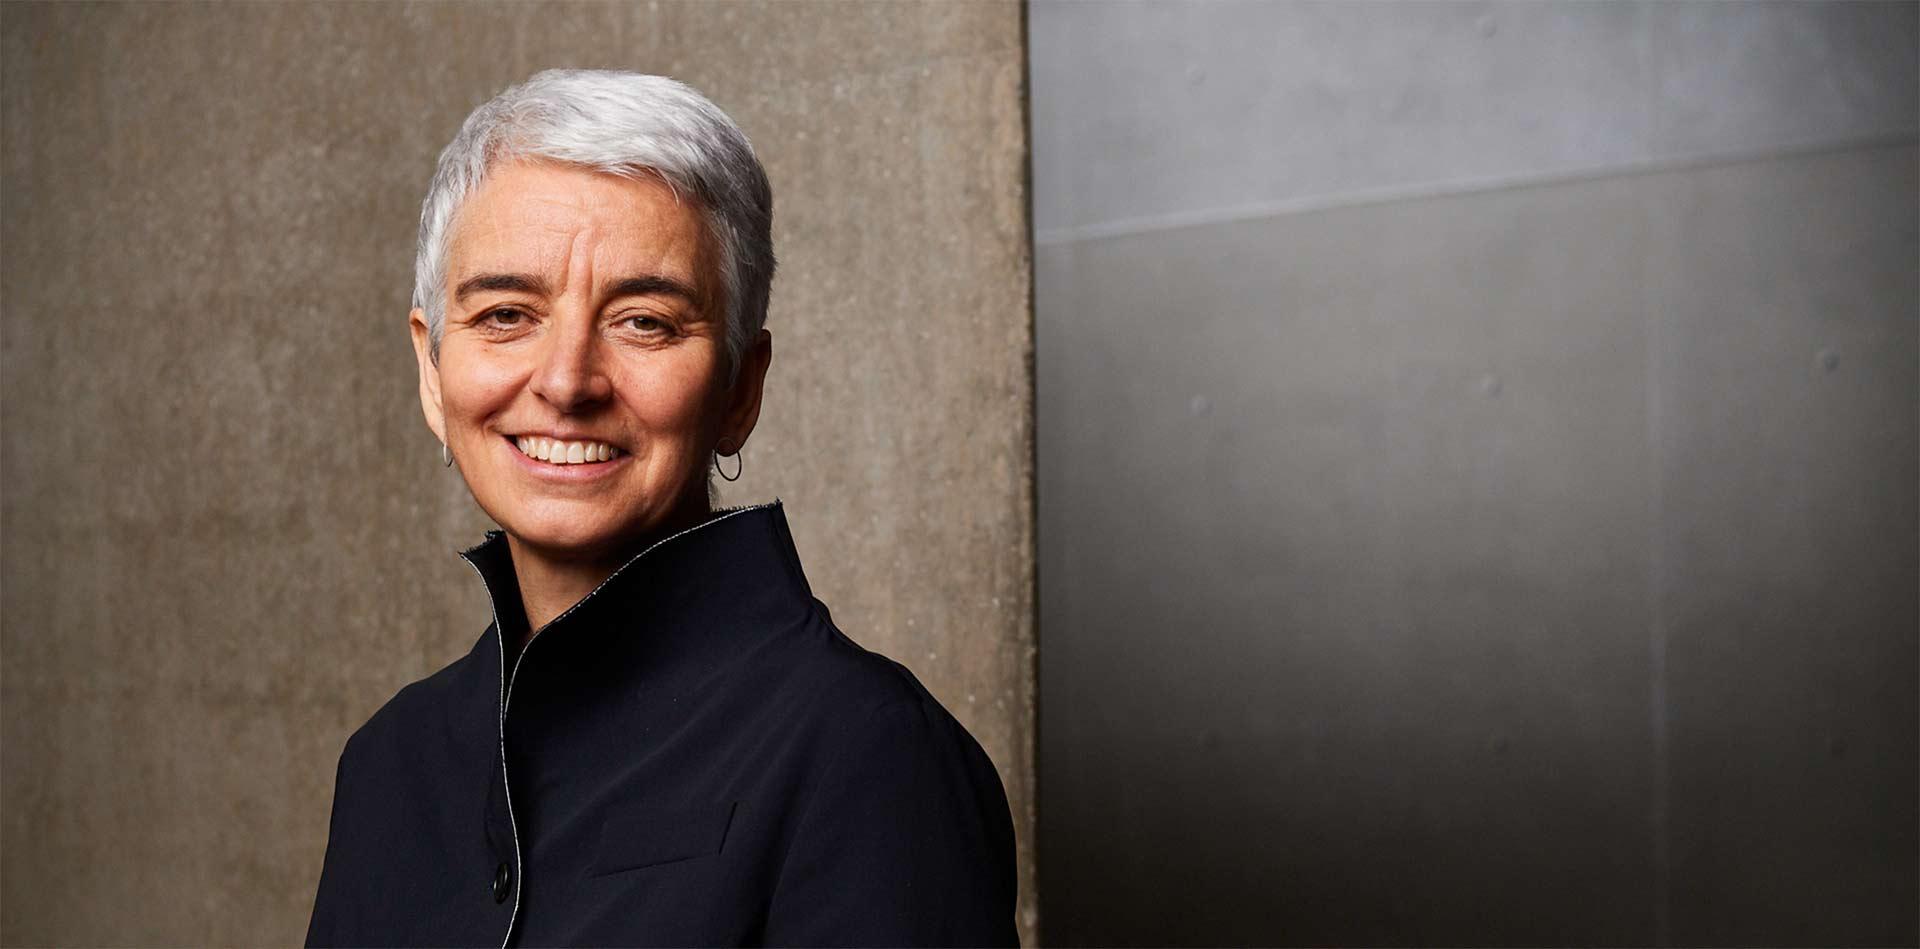 Porträtfoto von Hetty Berg im Inneren des Libeskind-Baus